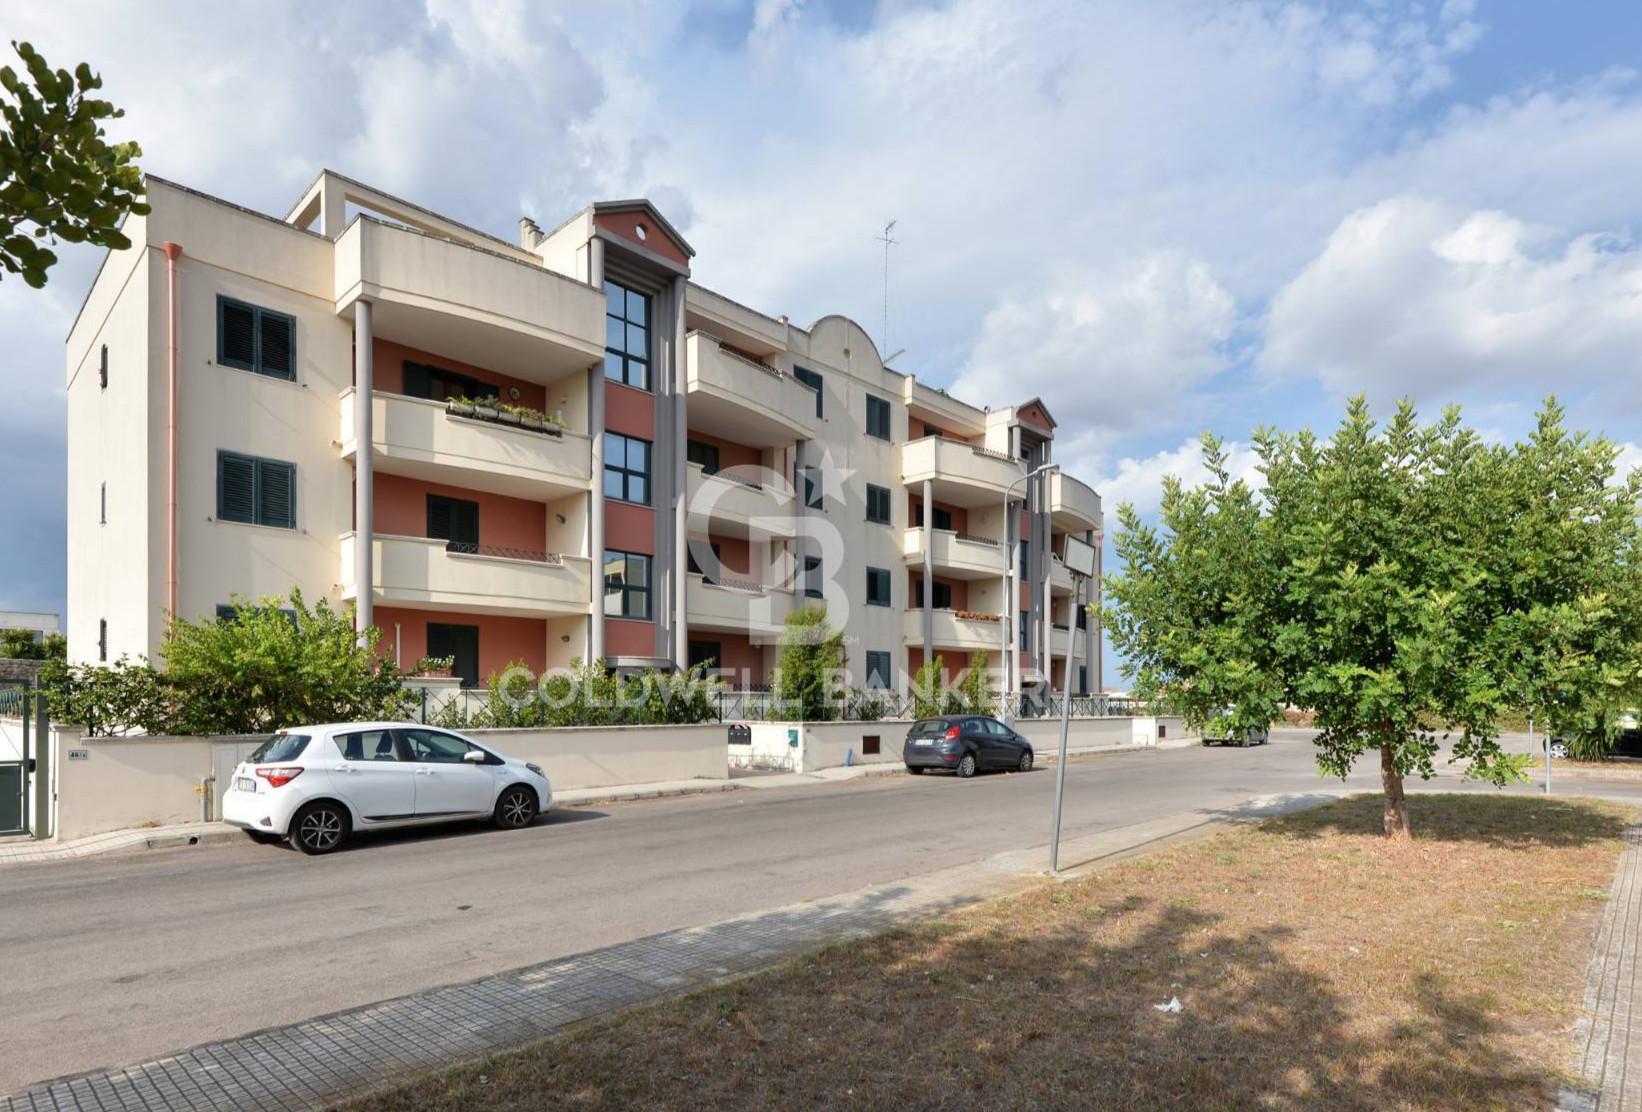 Appartamento, 110 Mq, Vendita - Cavallino (Lecce)